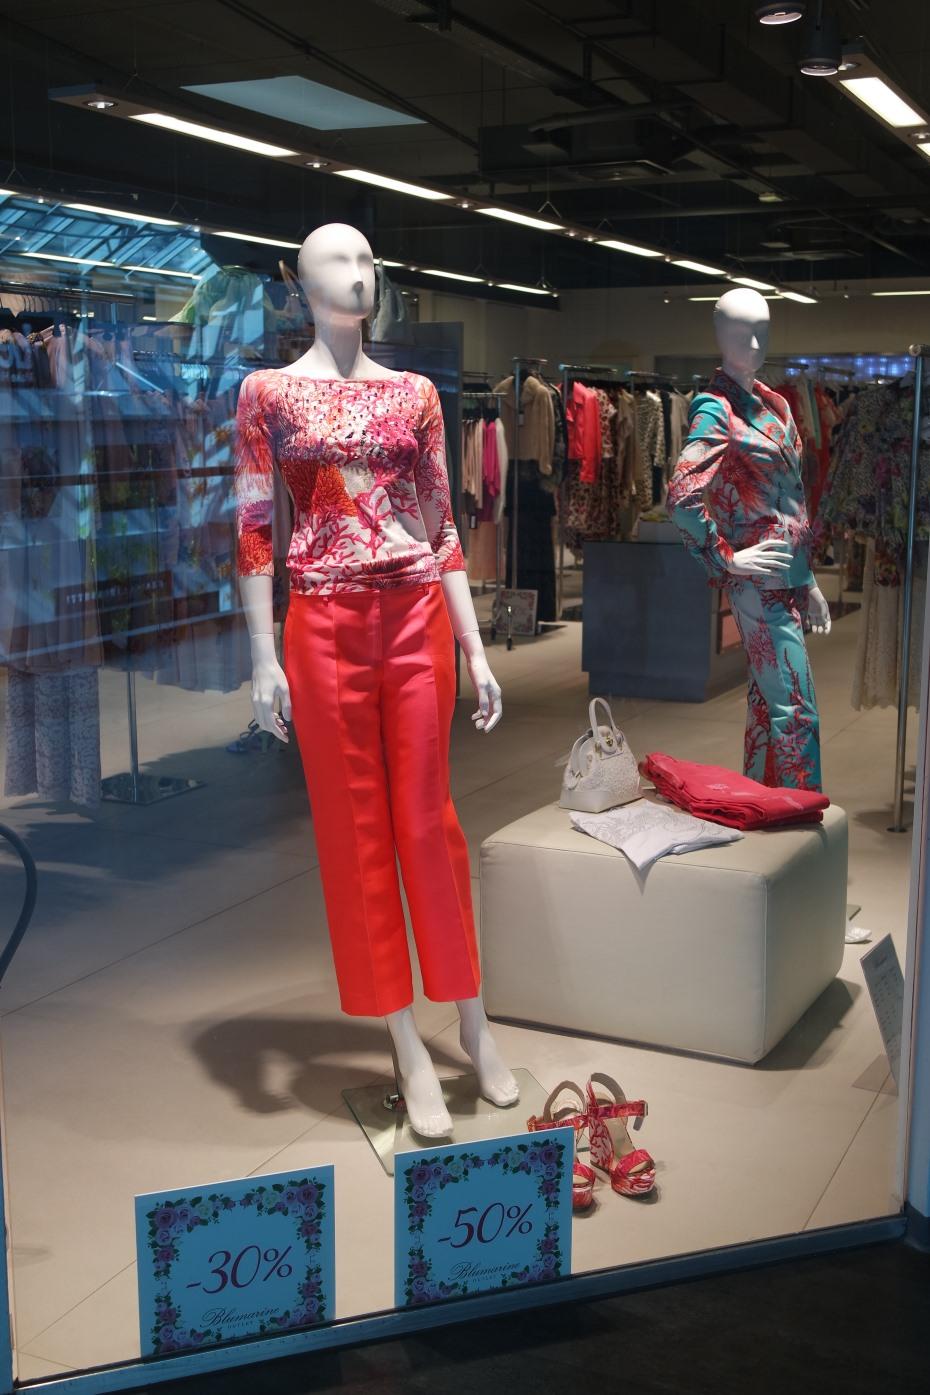 negozi abbigliamento